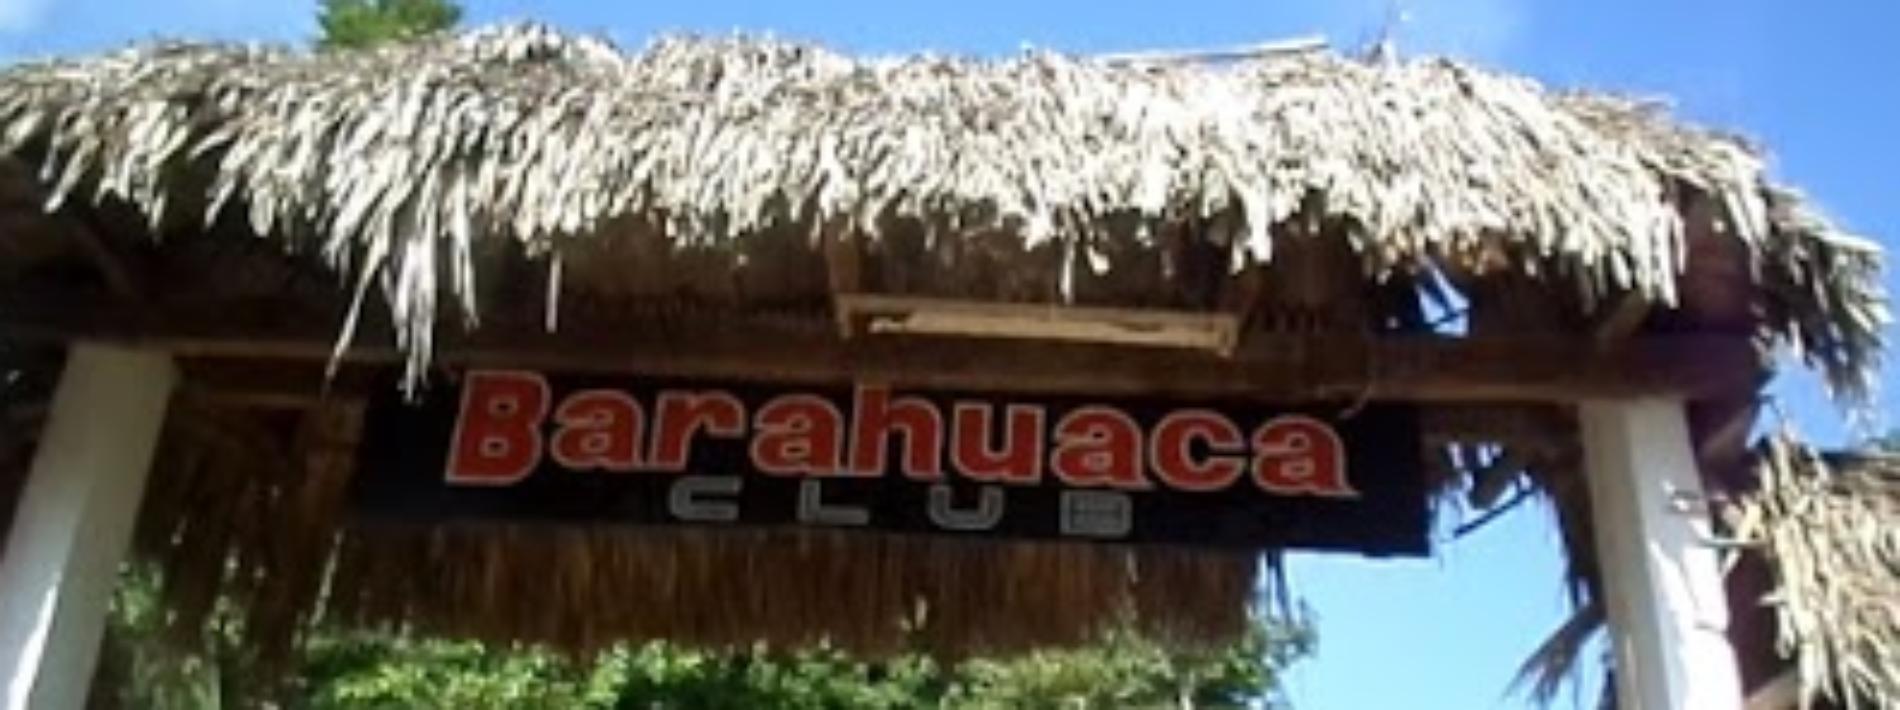 Celebraciones y eventos en Barranquilla